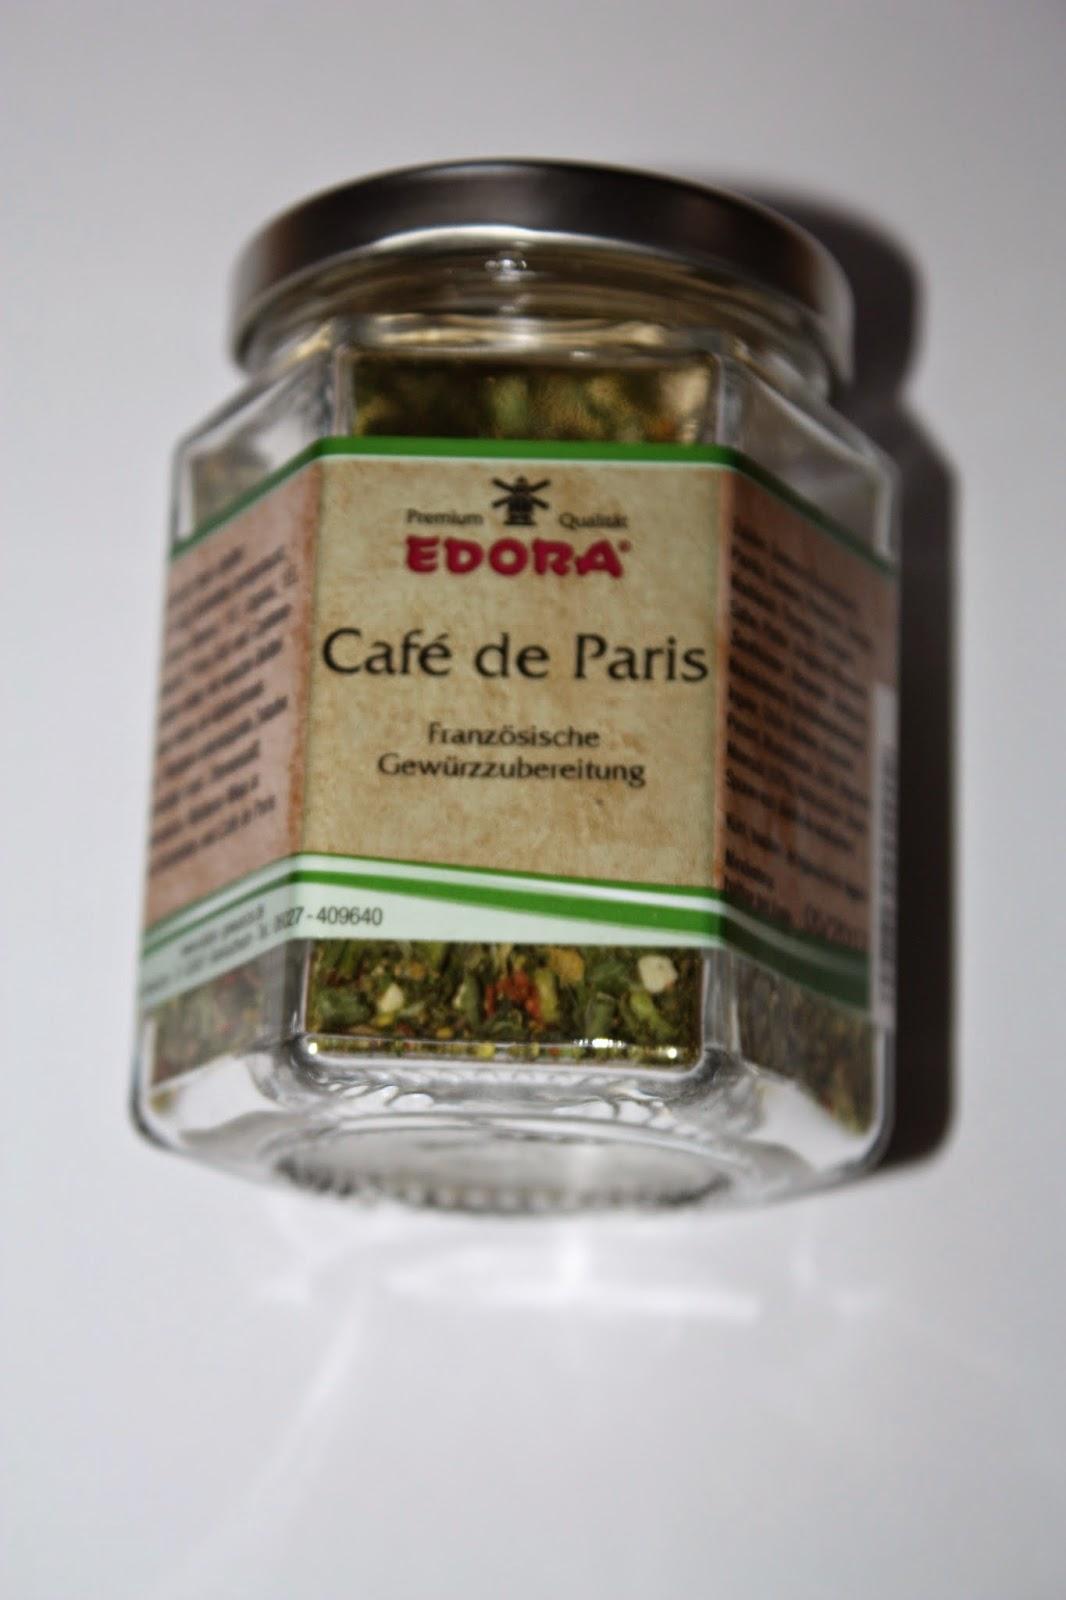 Cafe De Paris Edora